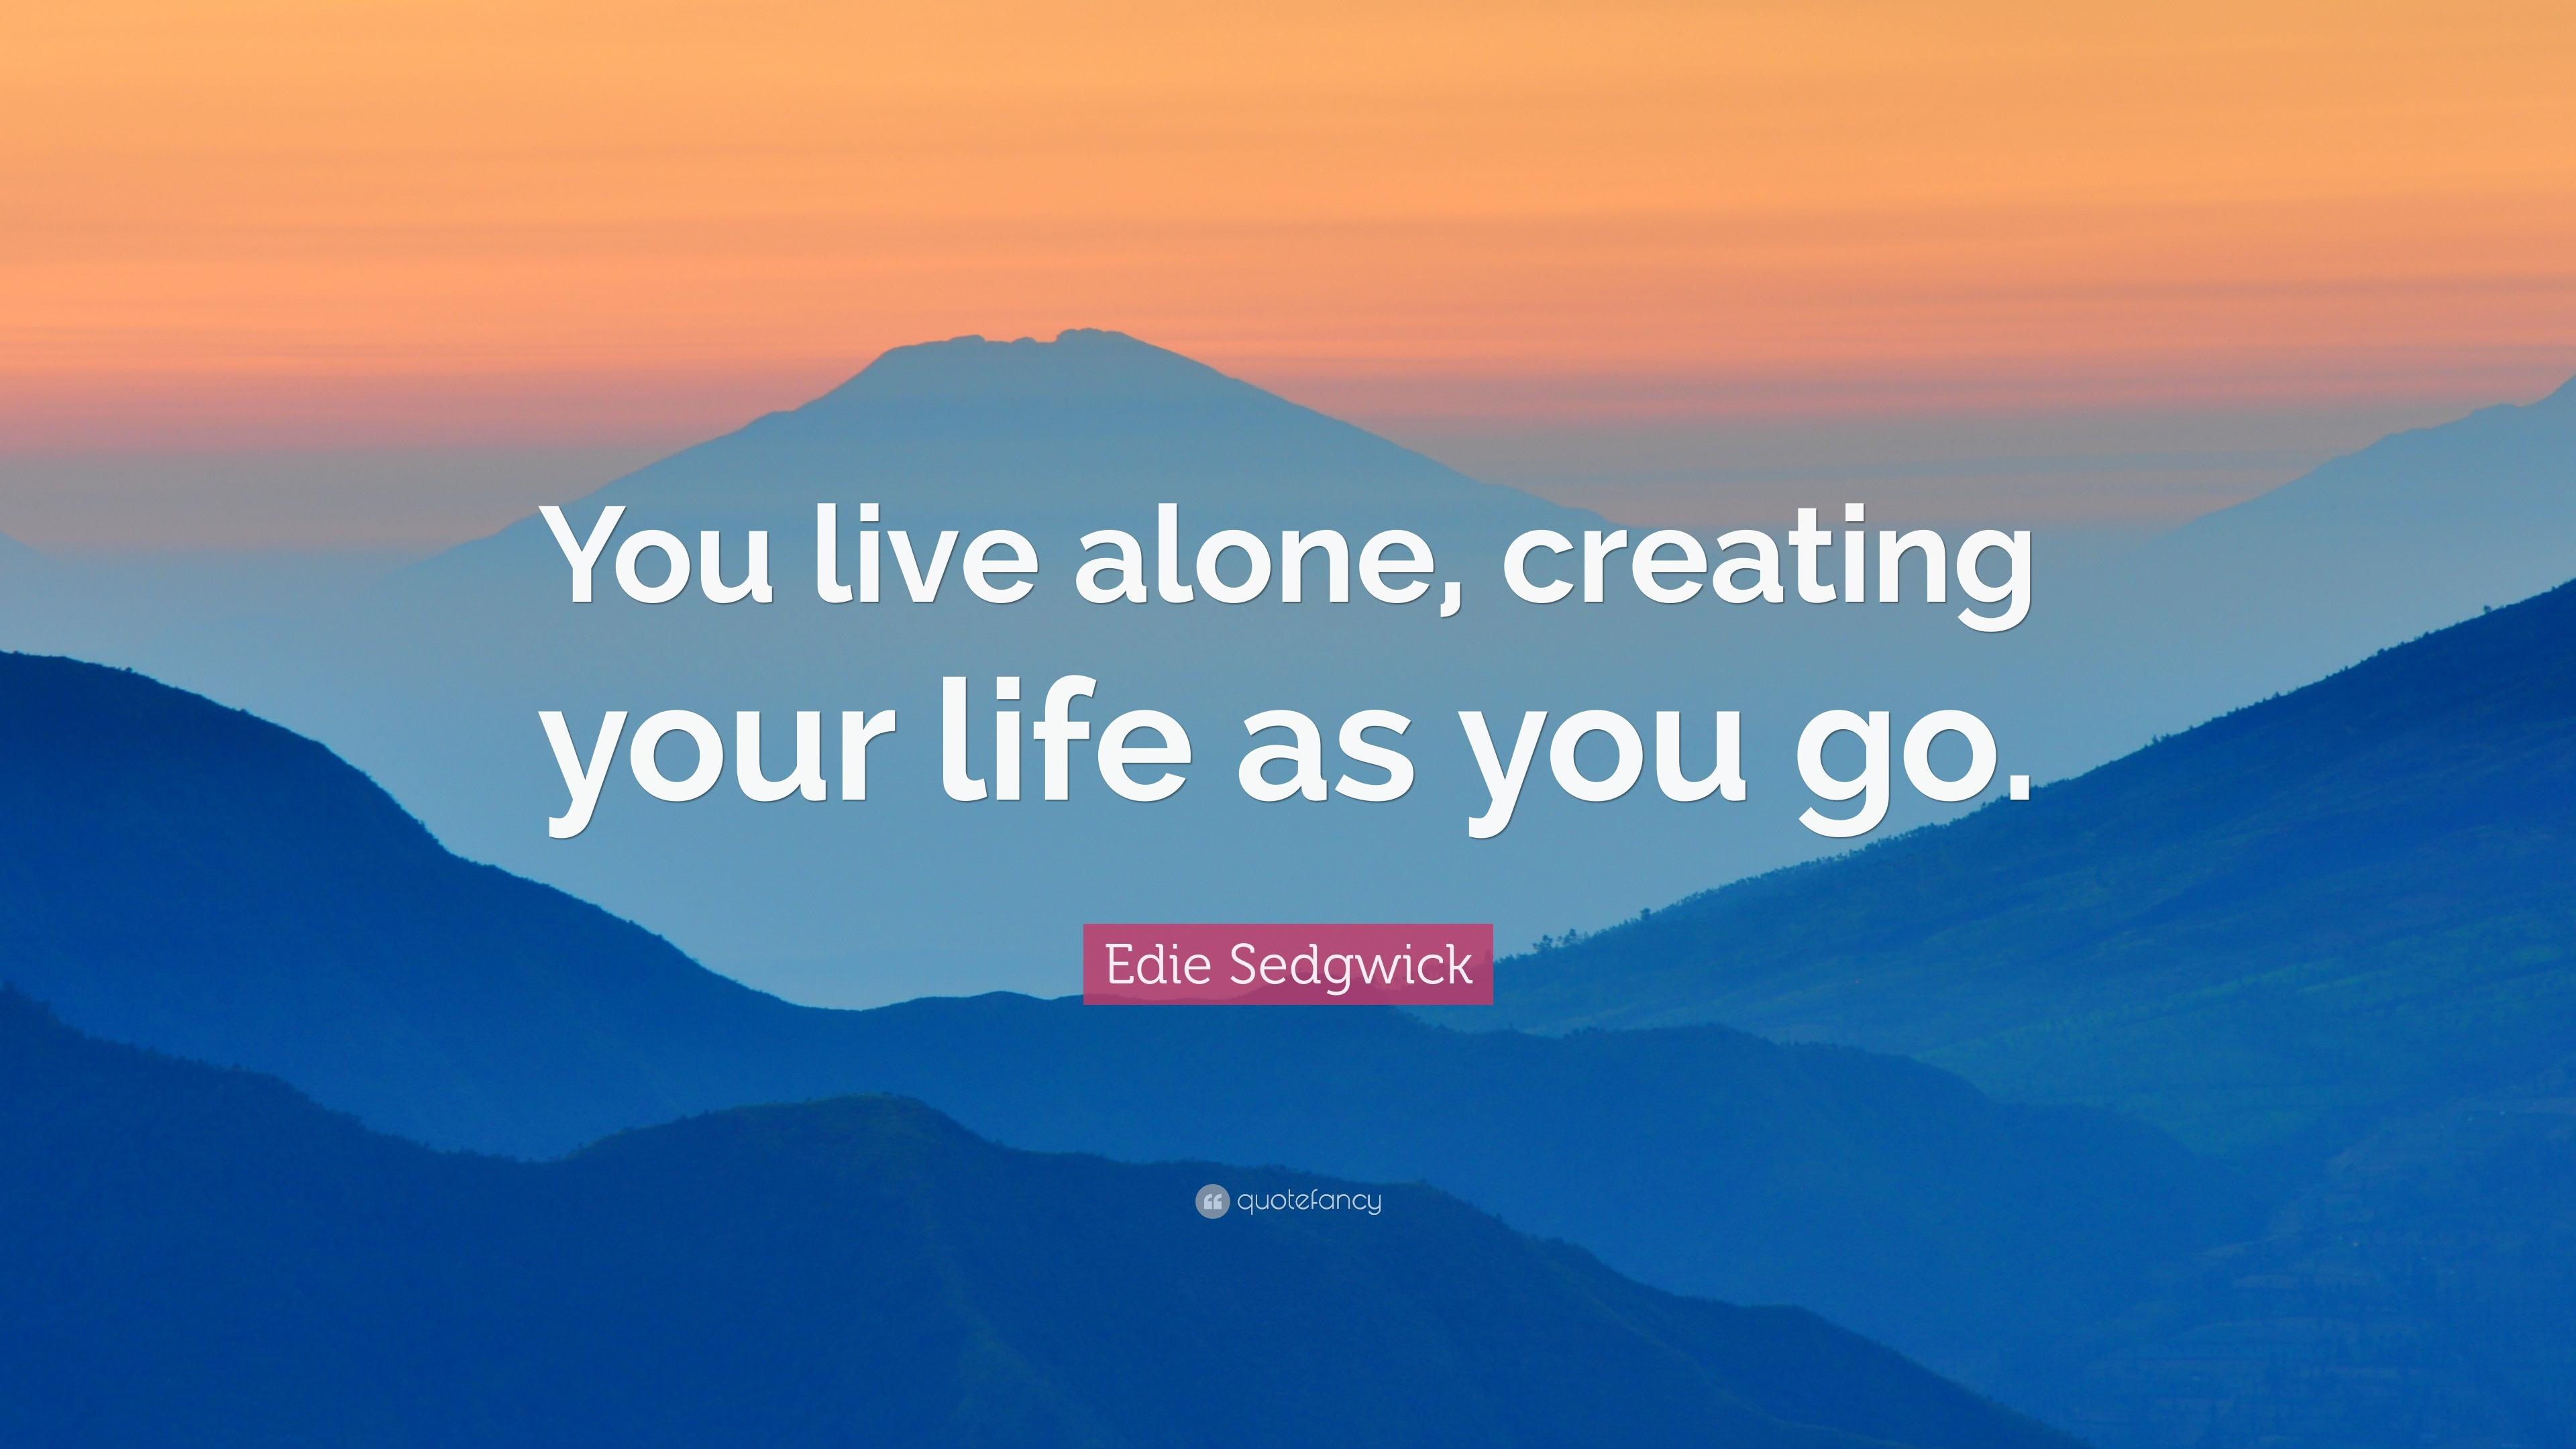 Edie Sedgwick Quotes Edie Sedgwick Quotes 18 Wallpapers  Quotefancy